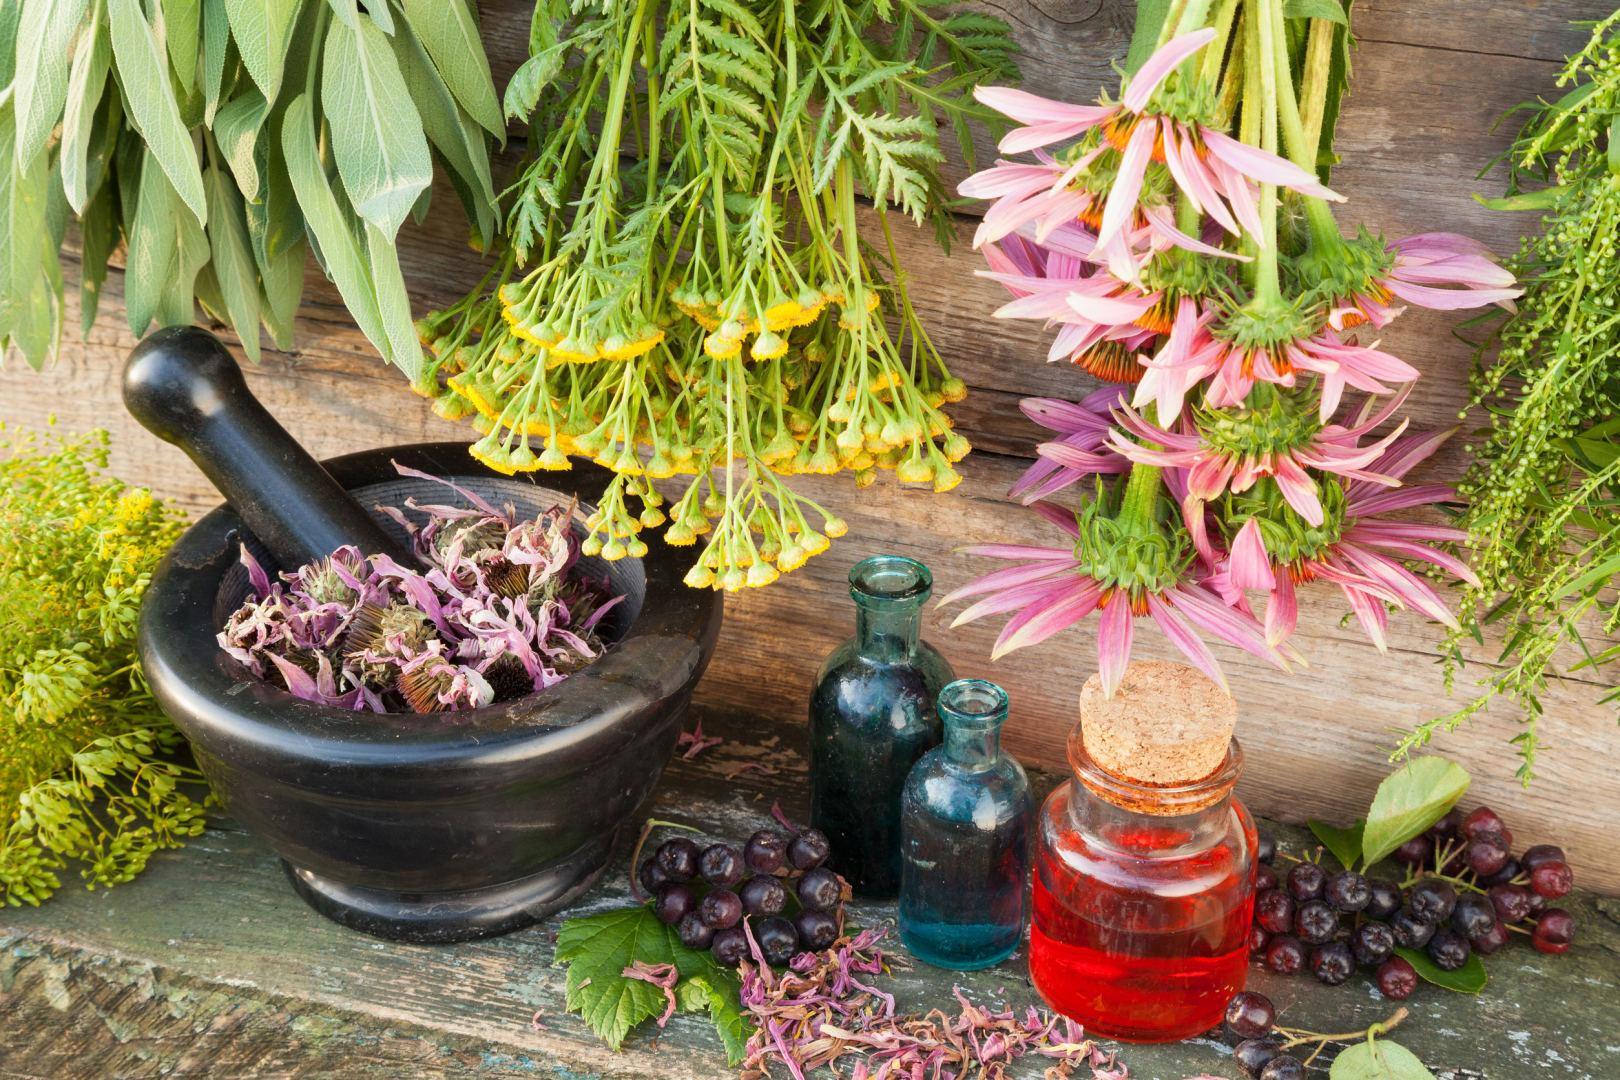 augalai, vartojami hipertenzijai gydyti konsultacija dėl hipertenzijos